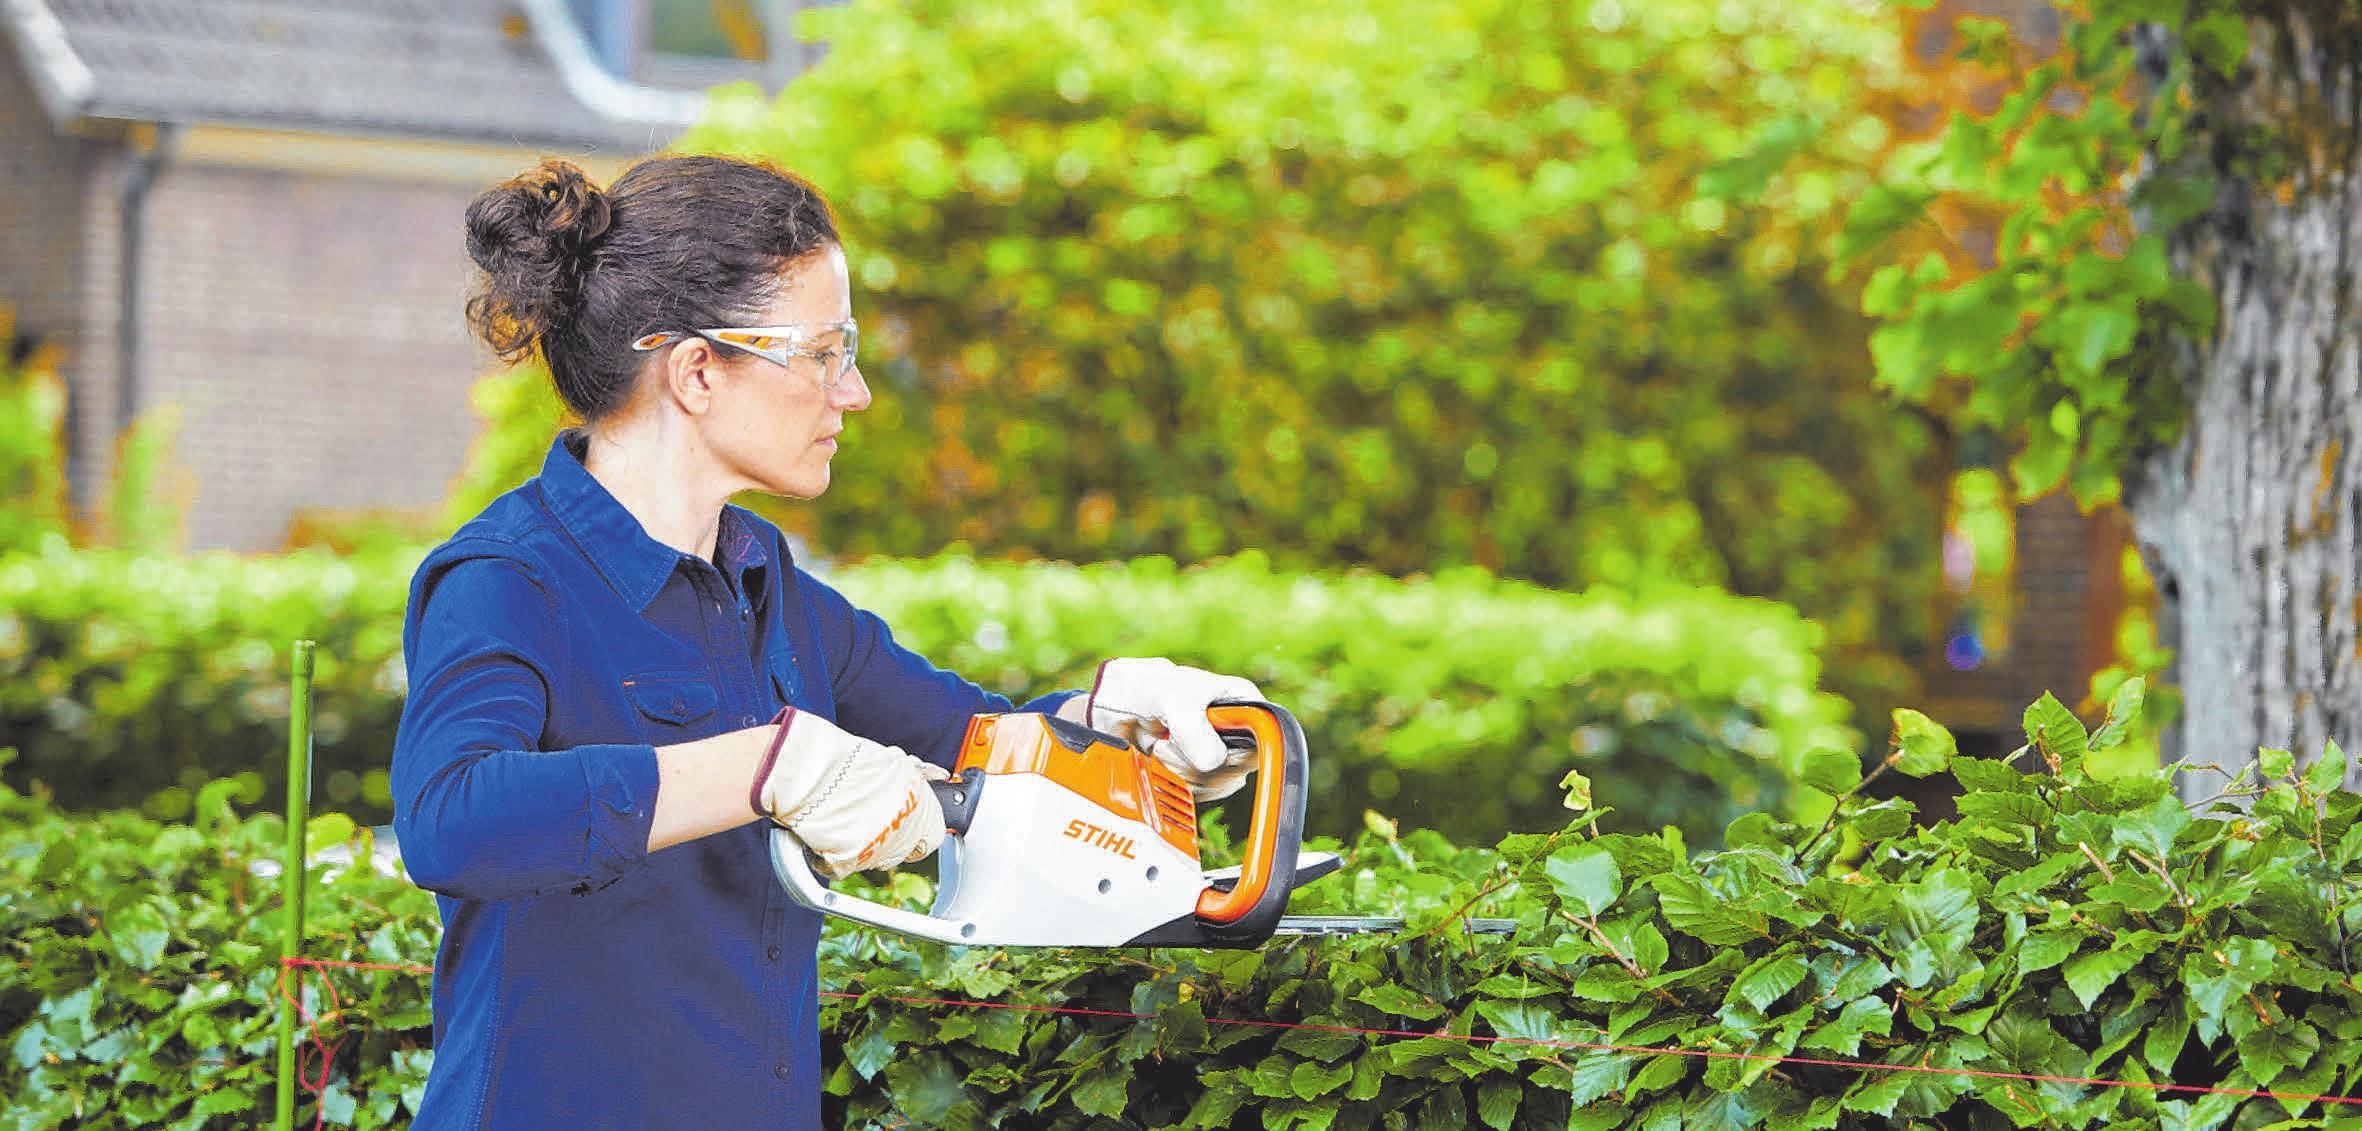 Kompakte Einsteigergeräte erleichtern die Gartenpflege. Praktisch sind akkubetriebene Modelle – kabellos bieten sie viel Bewegungsfreiheit. FOTO: DJD/STIHL